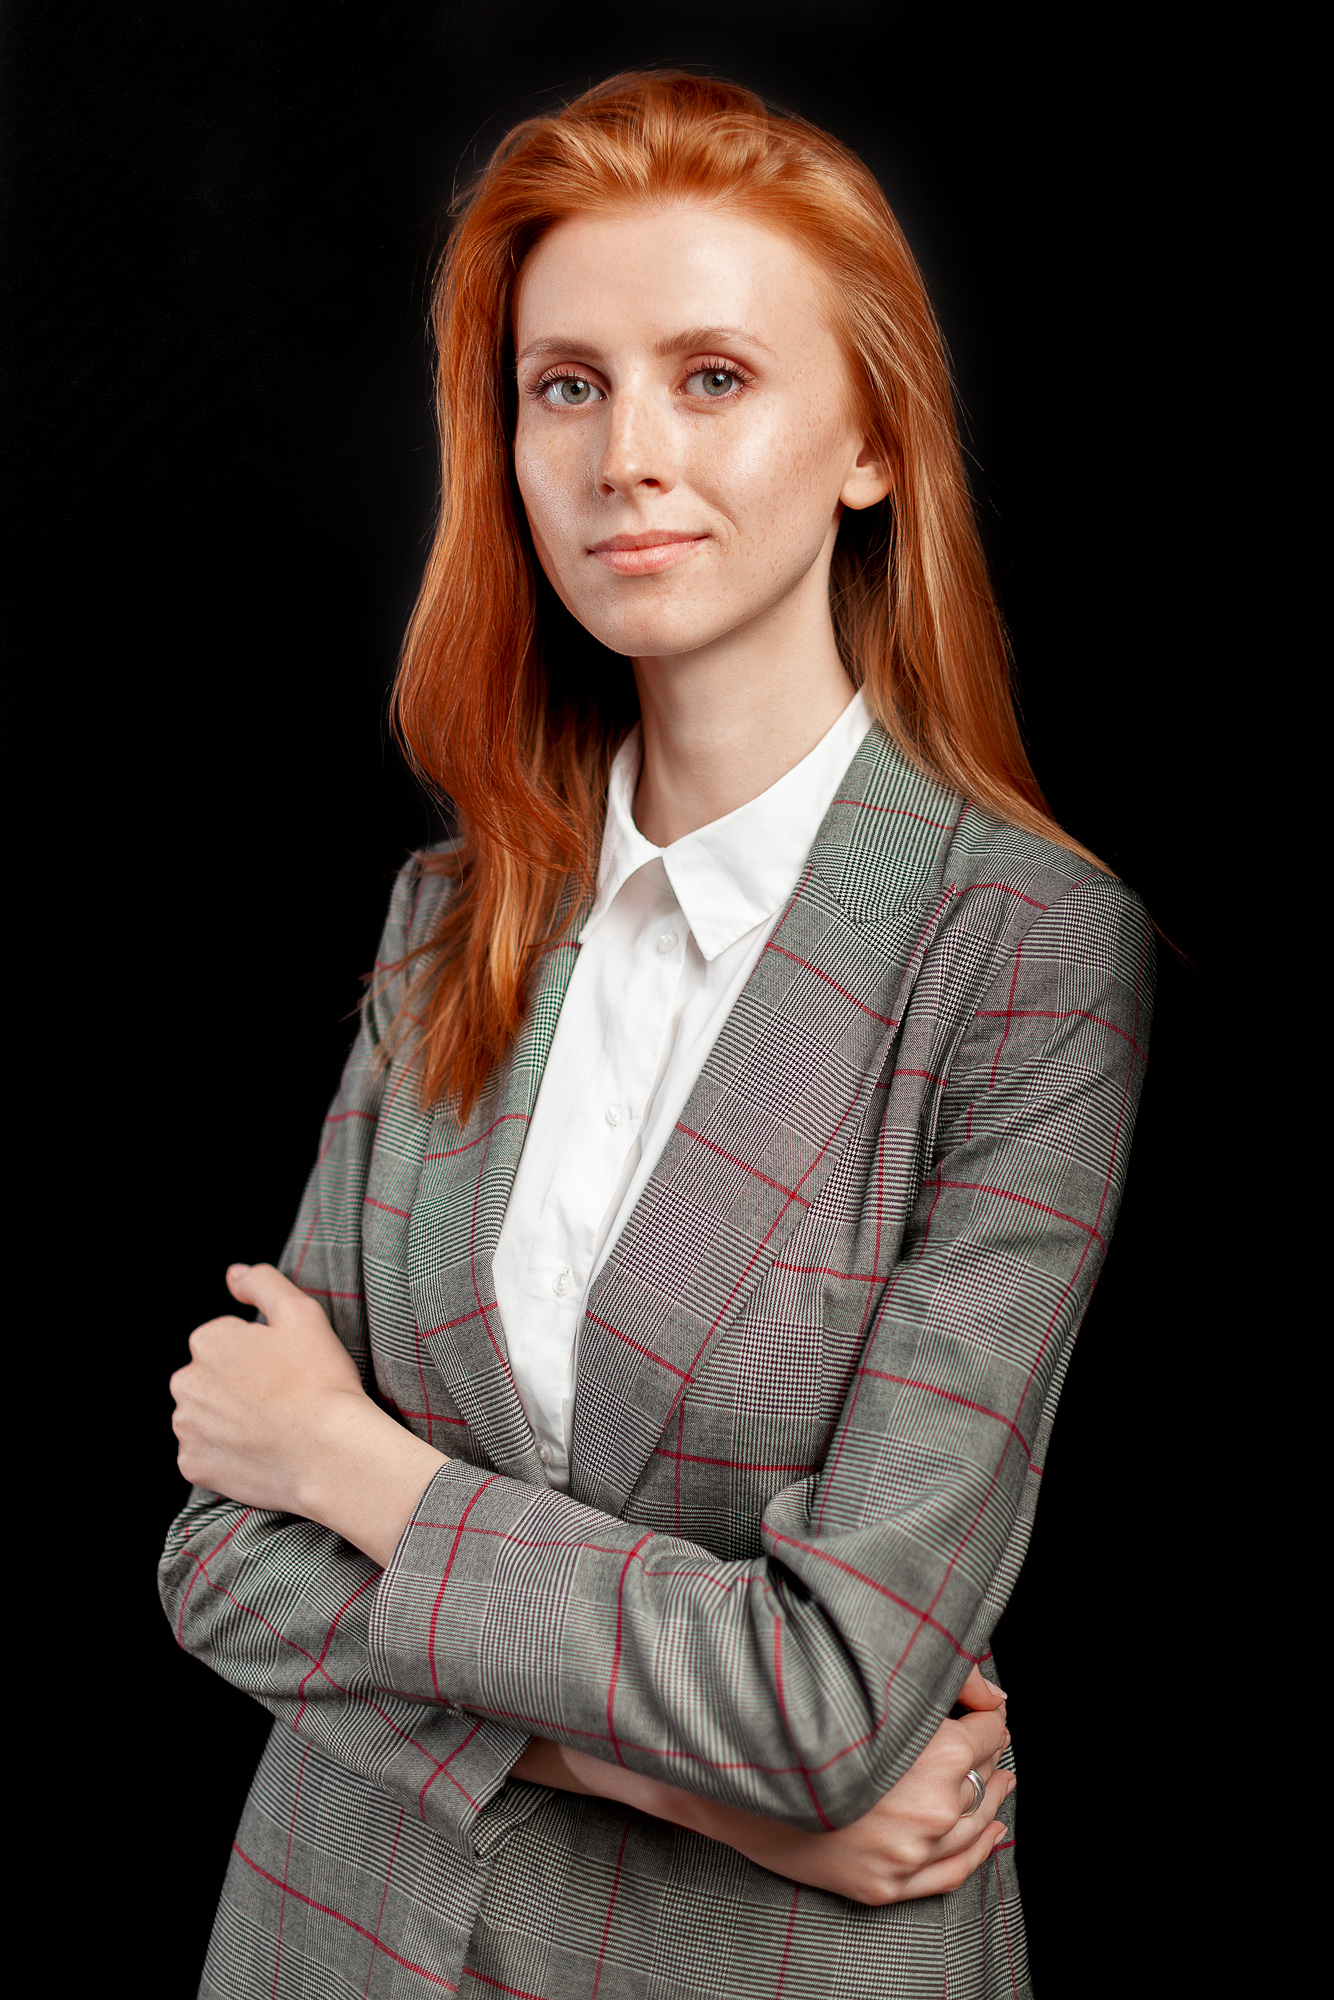 Дубовец Дарья Юрьевна